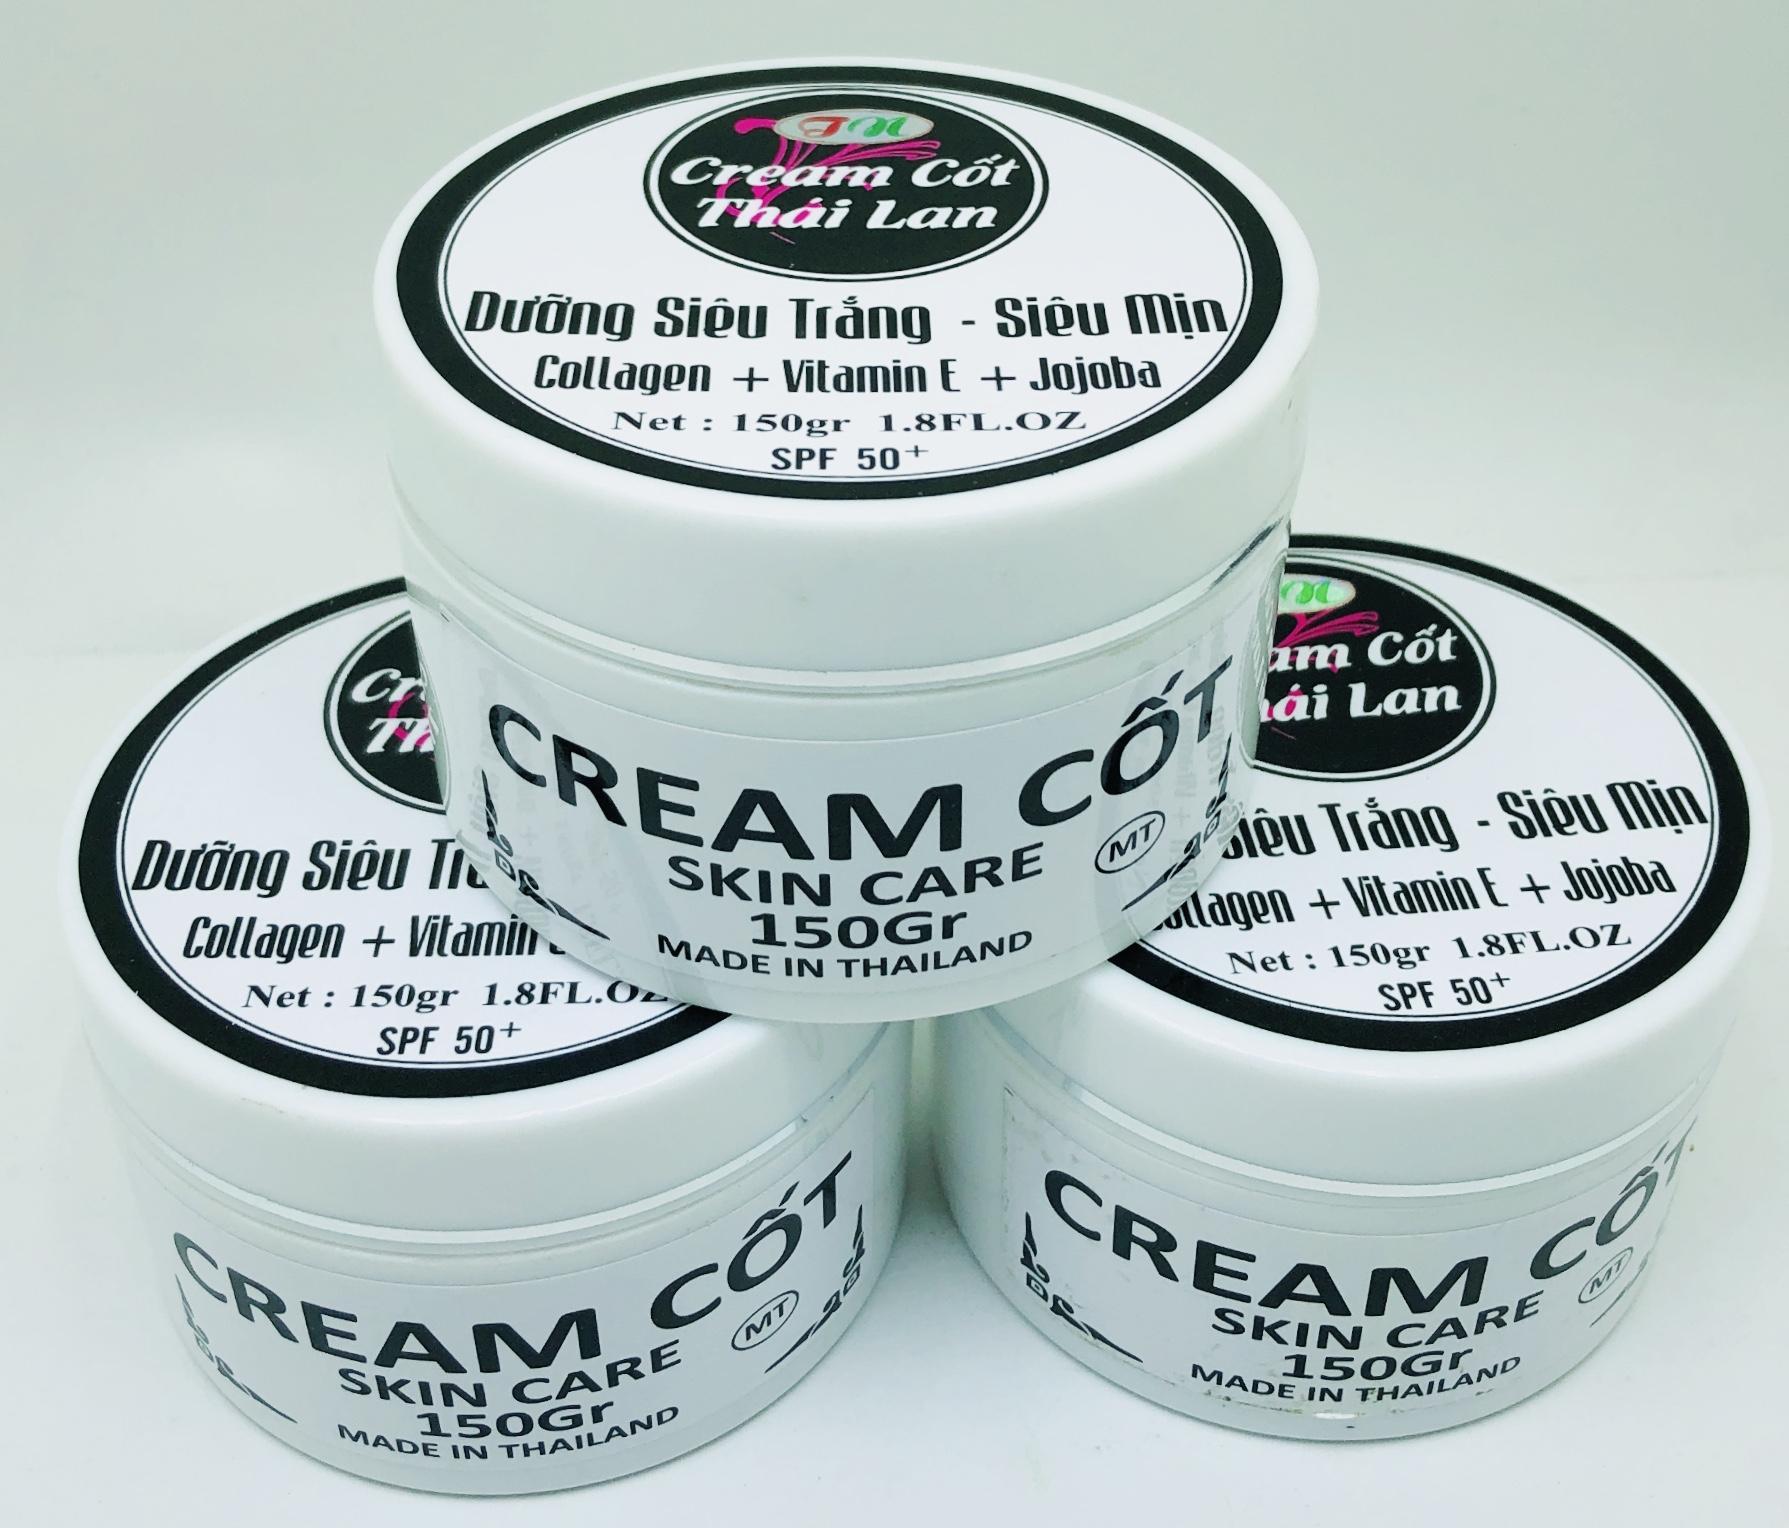 Deal Ưu Đãi Cream Cốt Thái Lan Siêu Trắng Siêu Mịn 150g